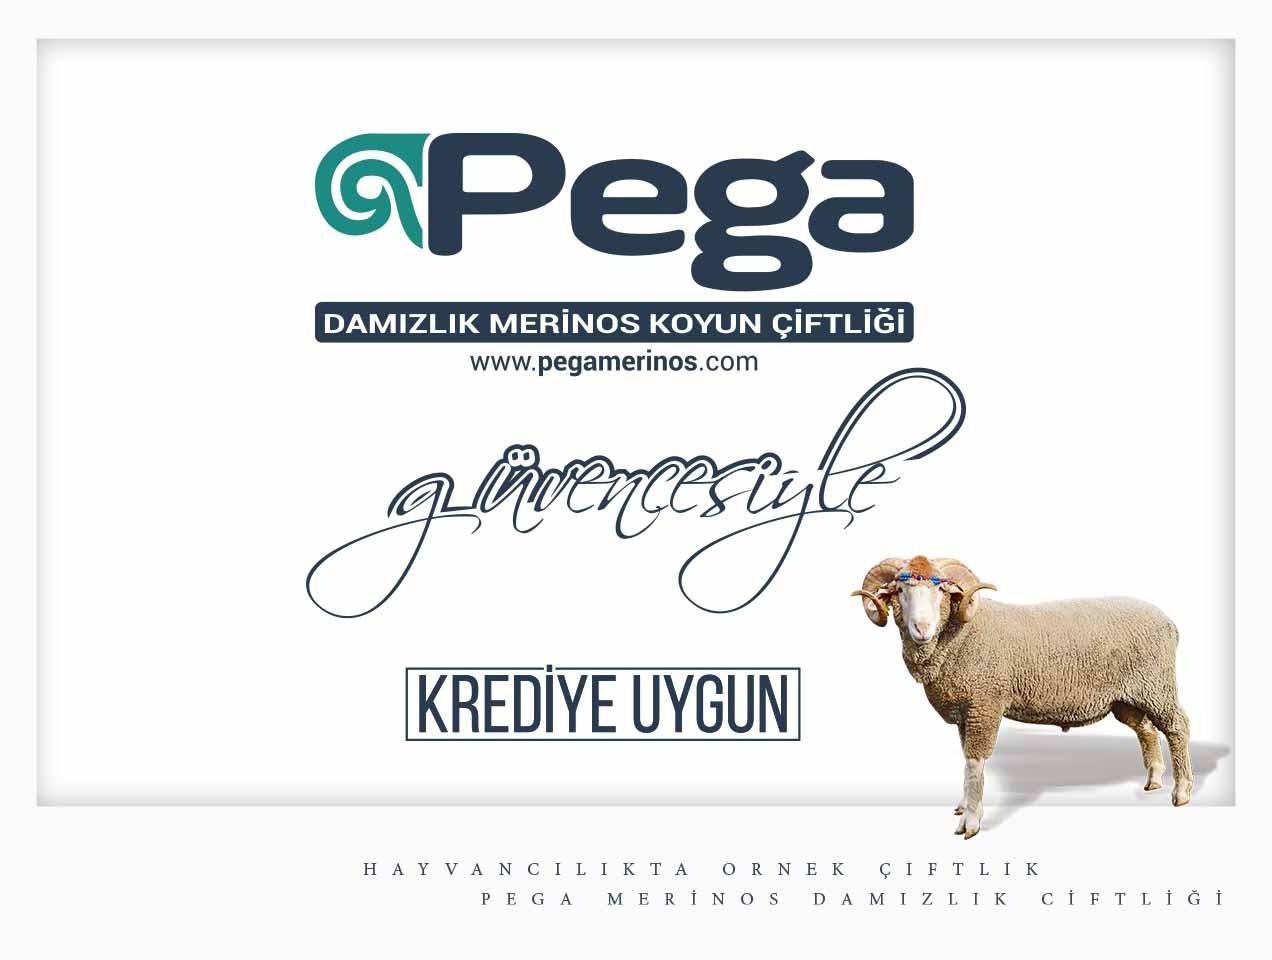 Pega-Krediye-Uygun